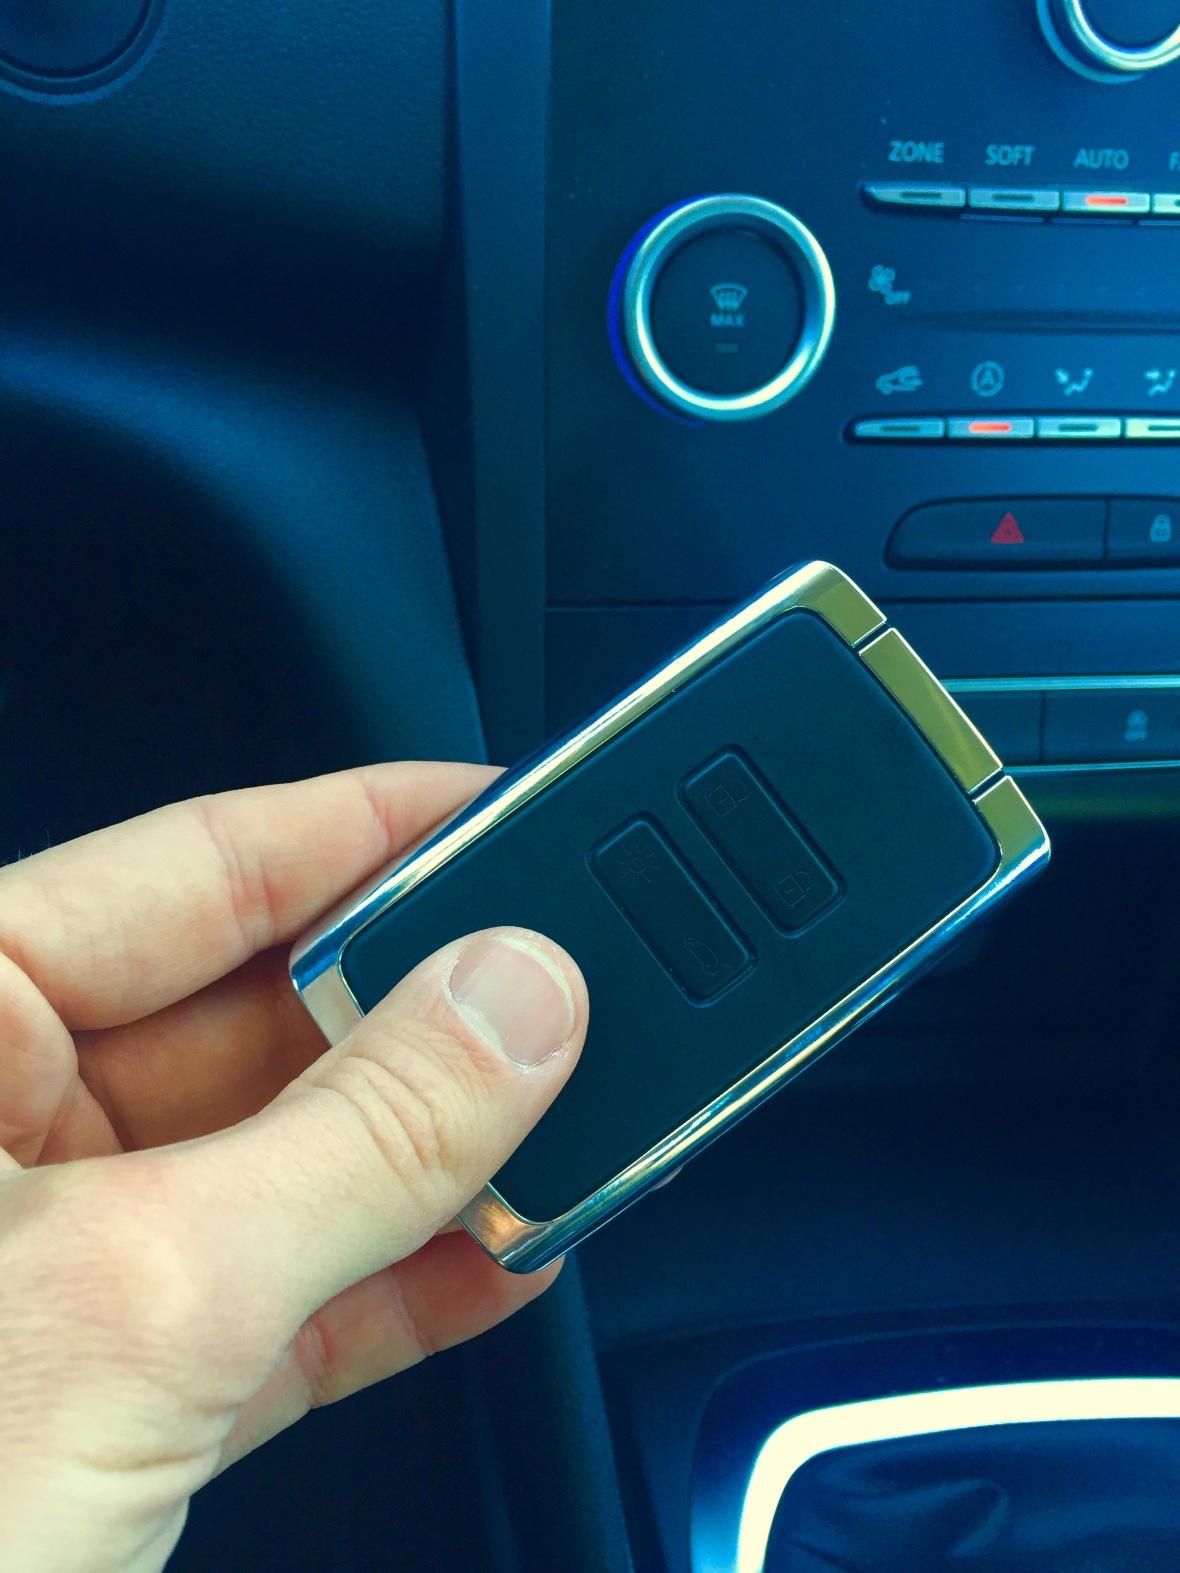 Tager I pis på mig? Hvorfor skal Renaults nøgle være dobbelt så stor og klodset, som konkurrenternes?